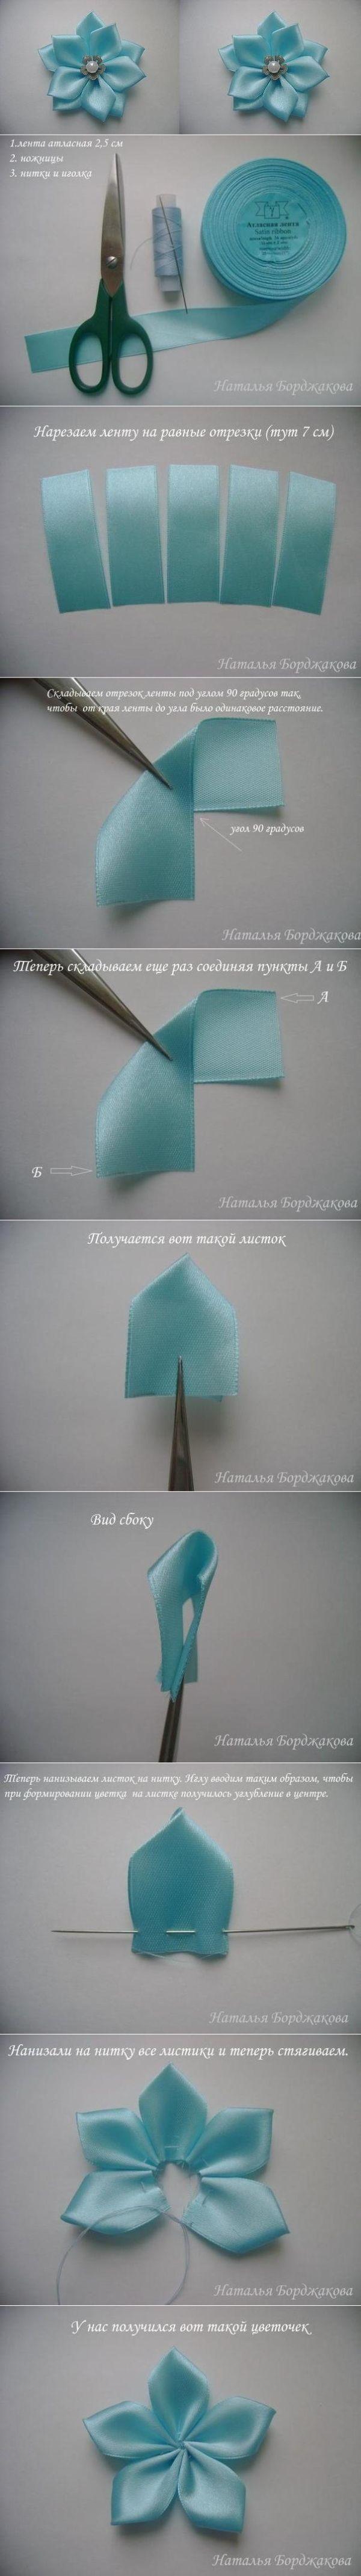 idei pentru a schimba designul (9)